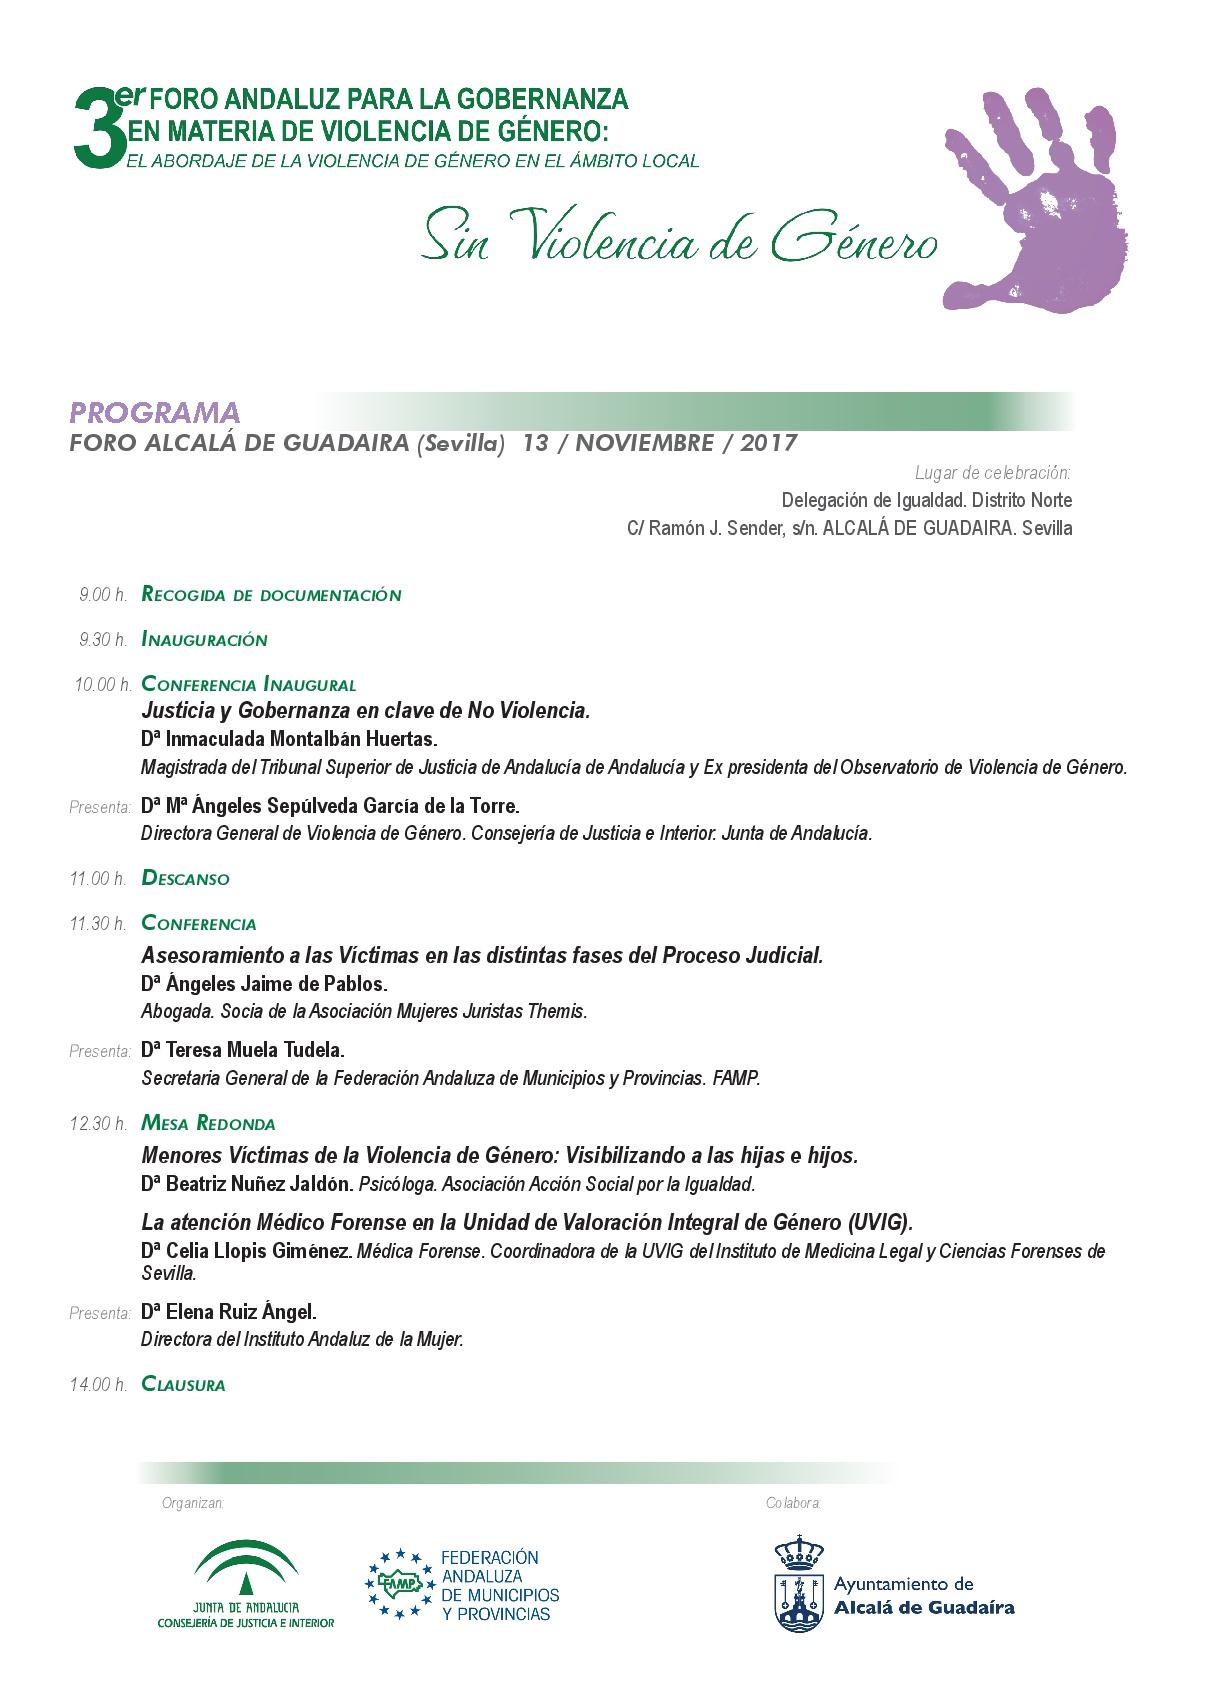 Violencia género Foro Andaluz-001